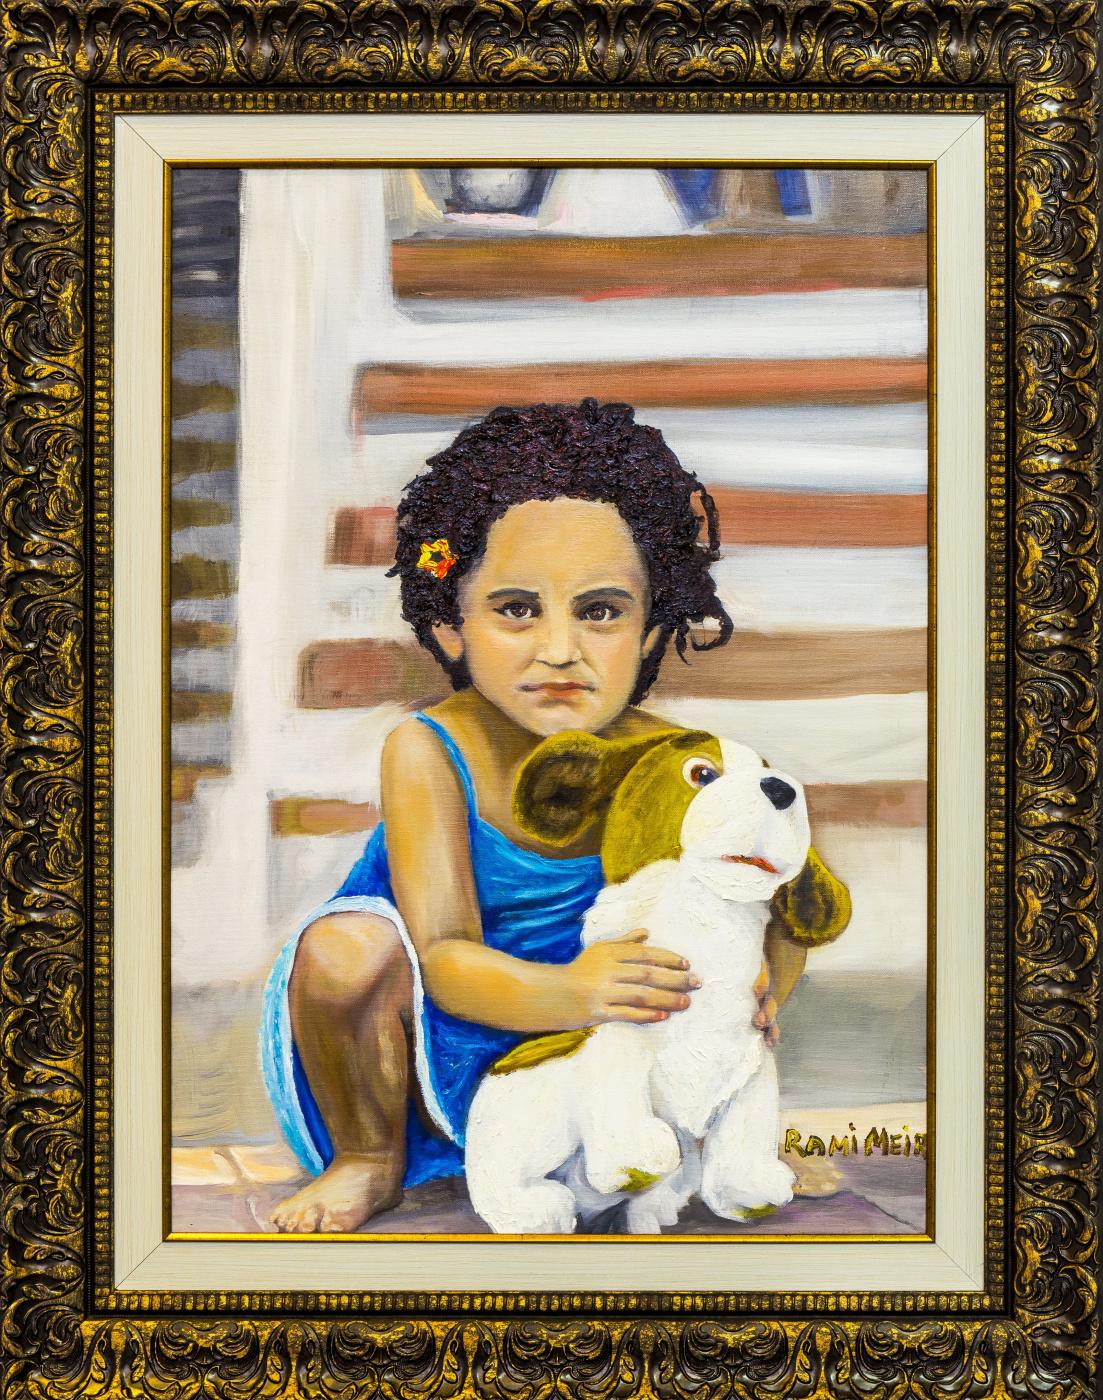 Rami Meir. Princess romily